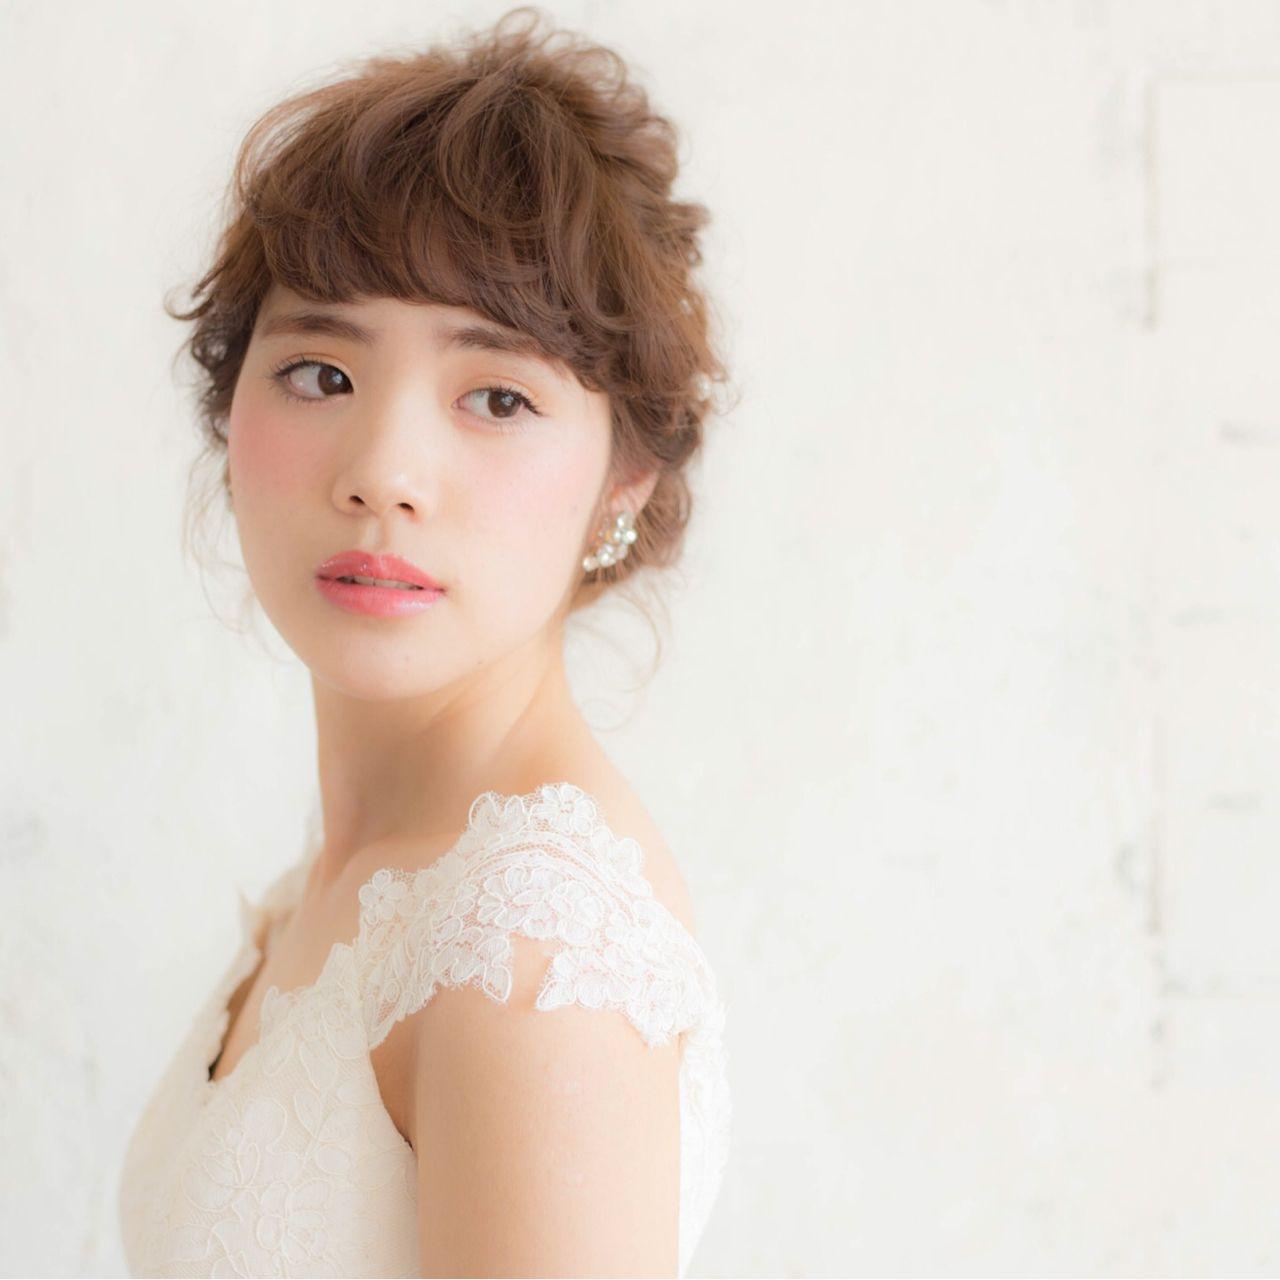 ヘアアレンジ ミディアム 結婚式 ヘアスタイルや髪型の写真・画像